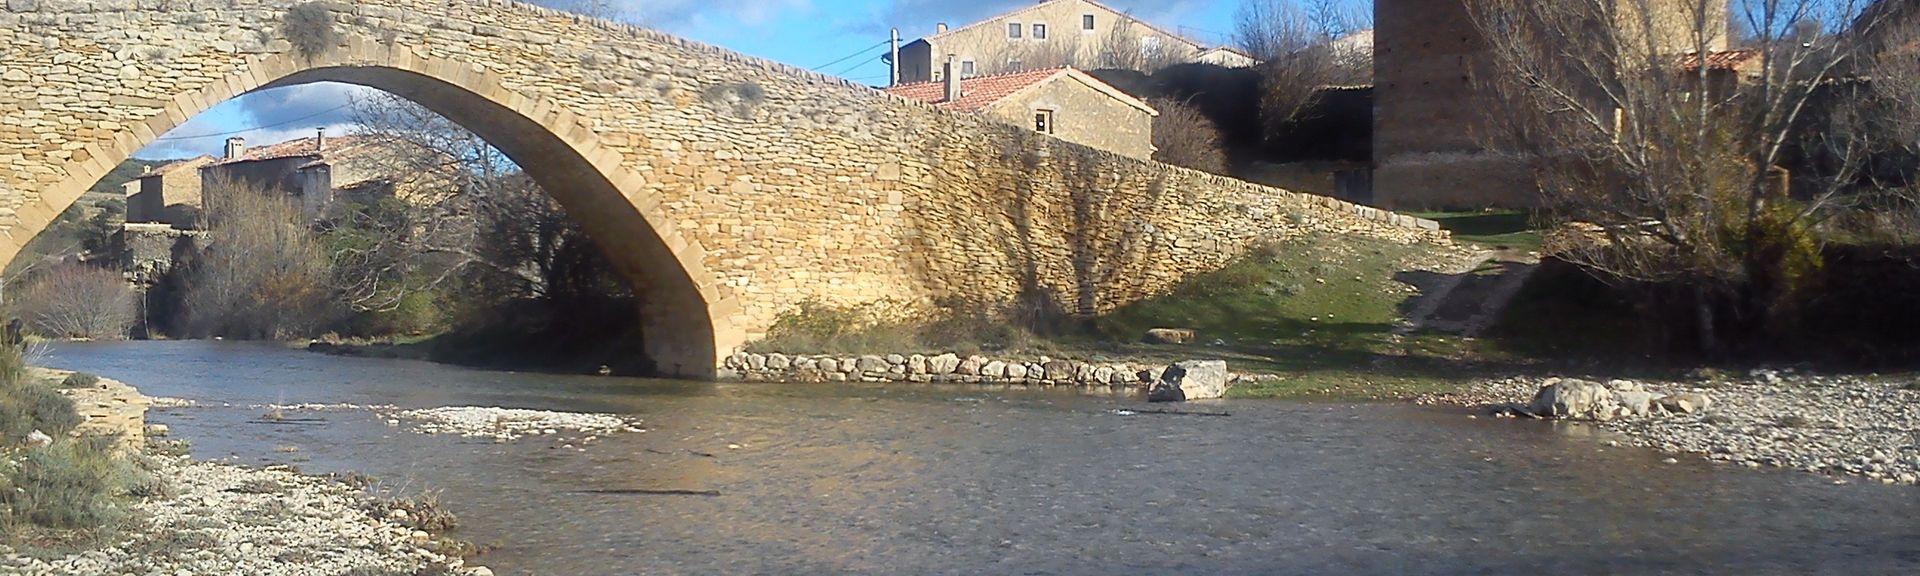 Benassal, Valencian Community, Spain